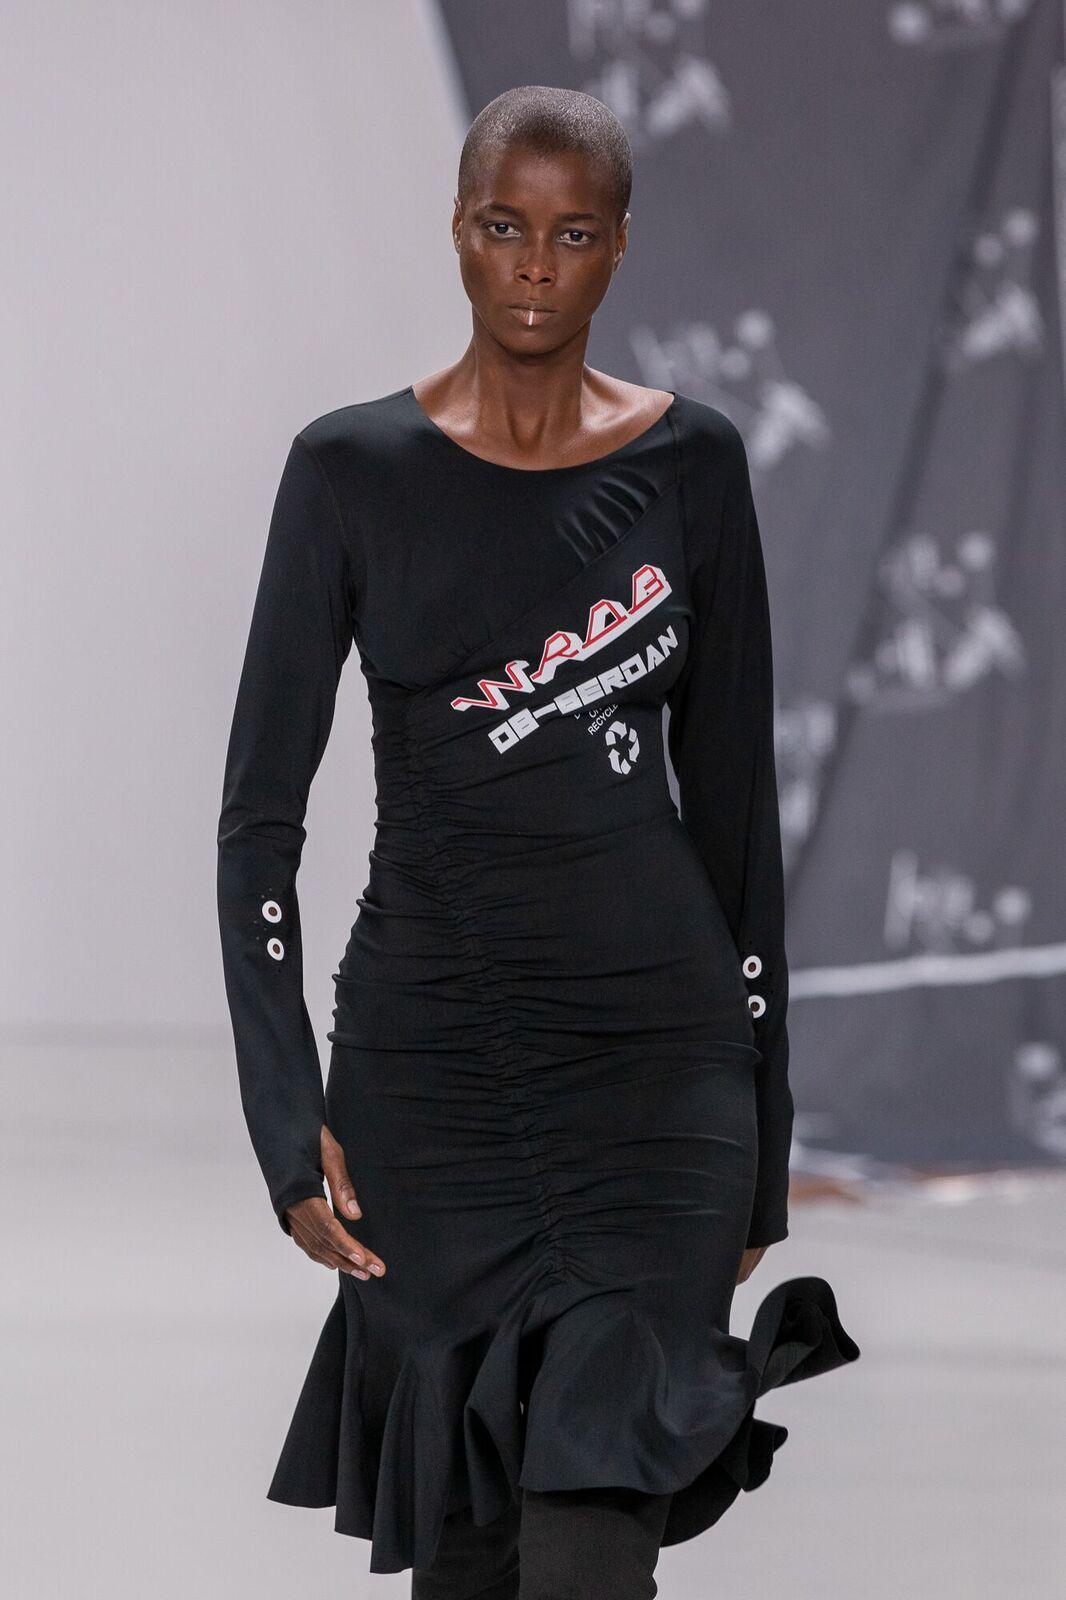 Db berdan aw20 during london fashion week (3)